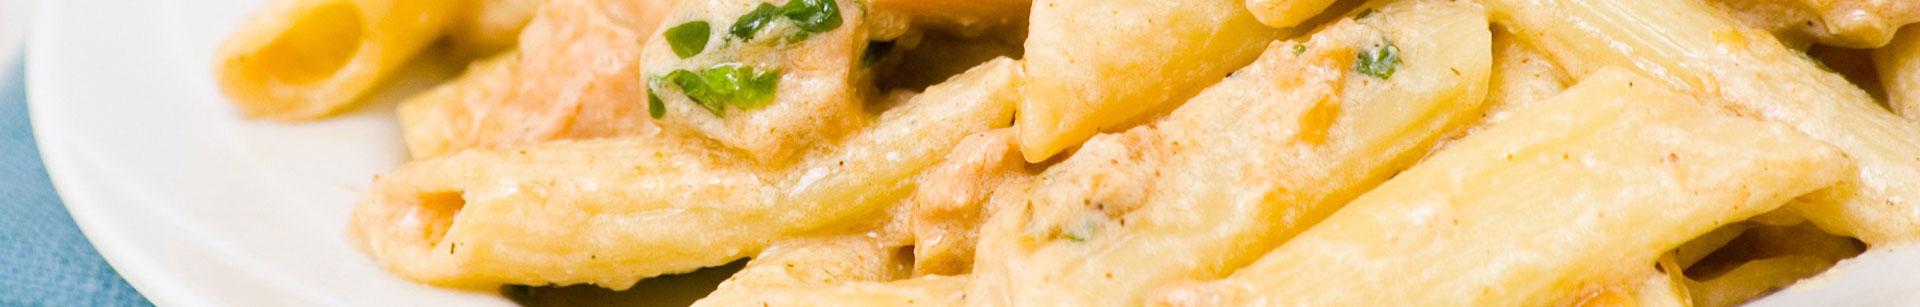 Menu updated pasta  Menu updated pasta